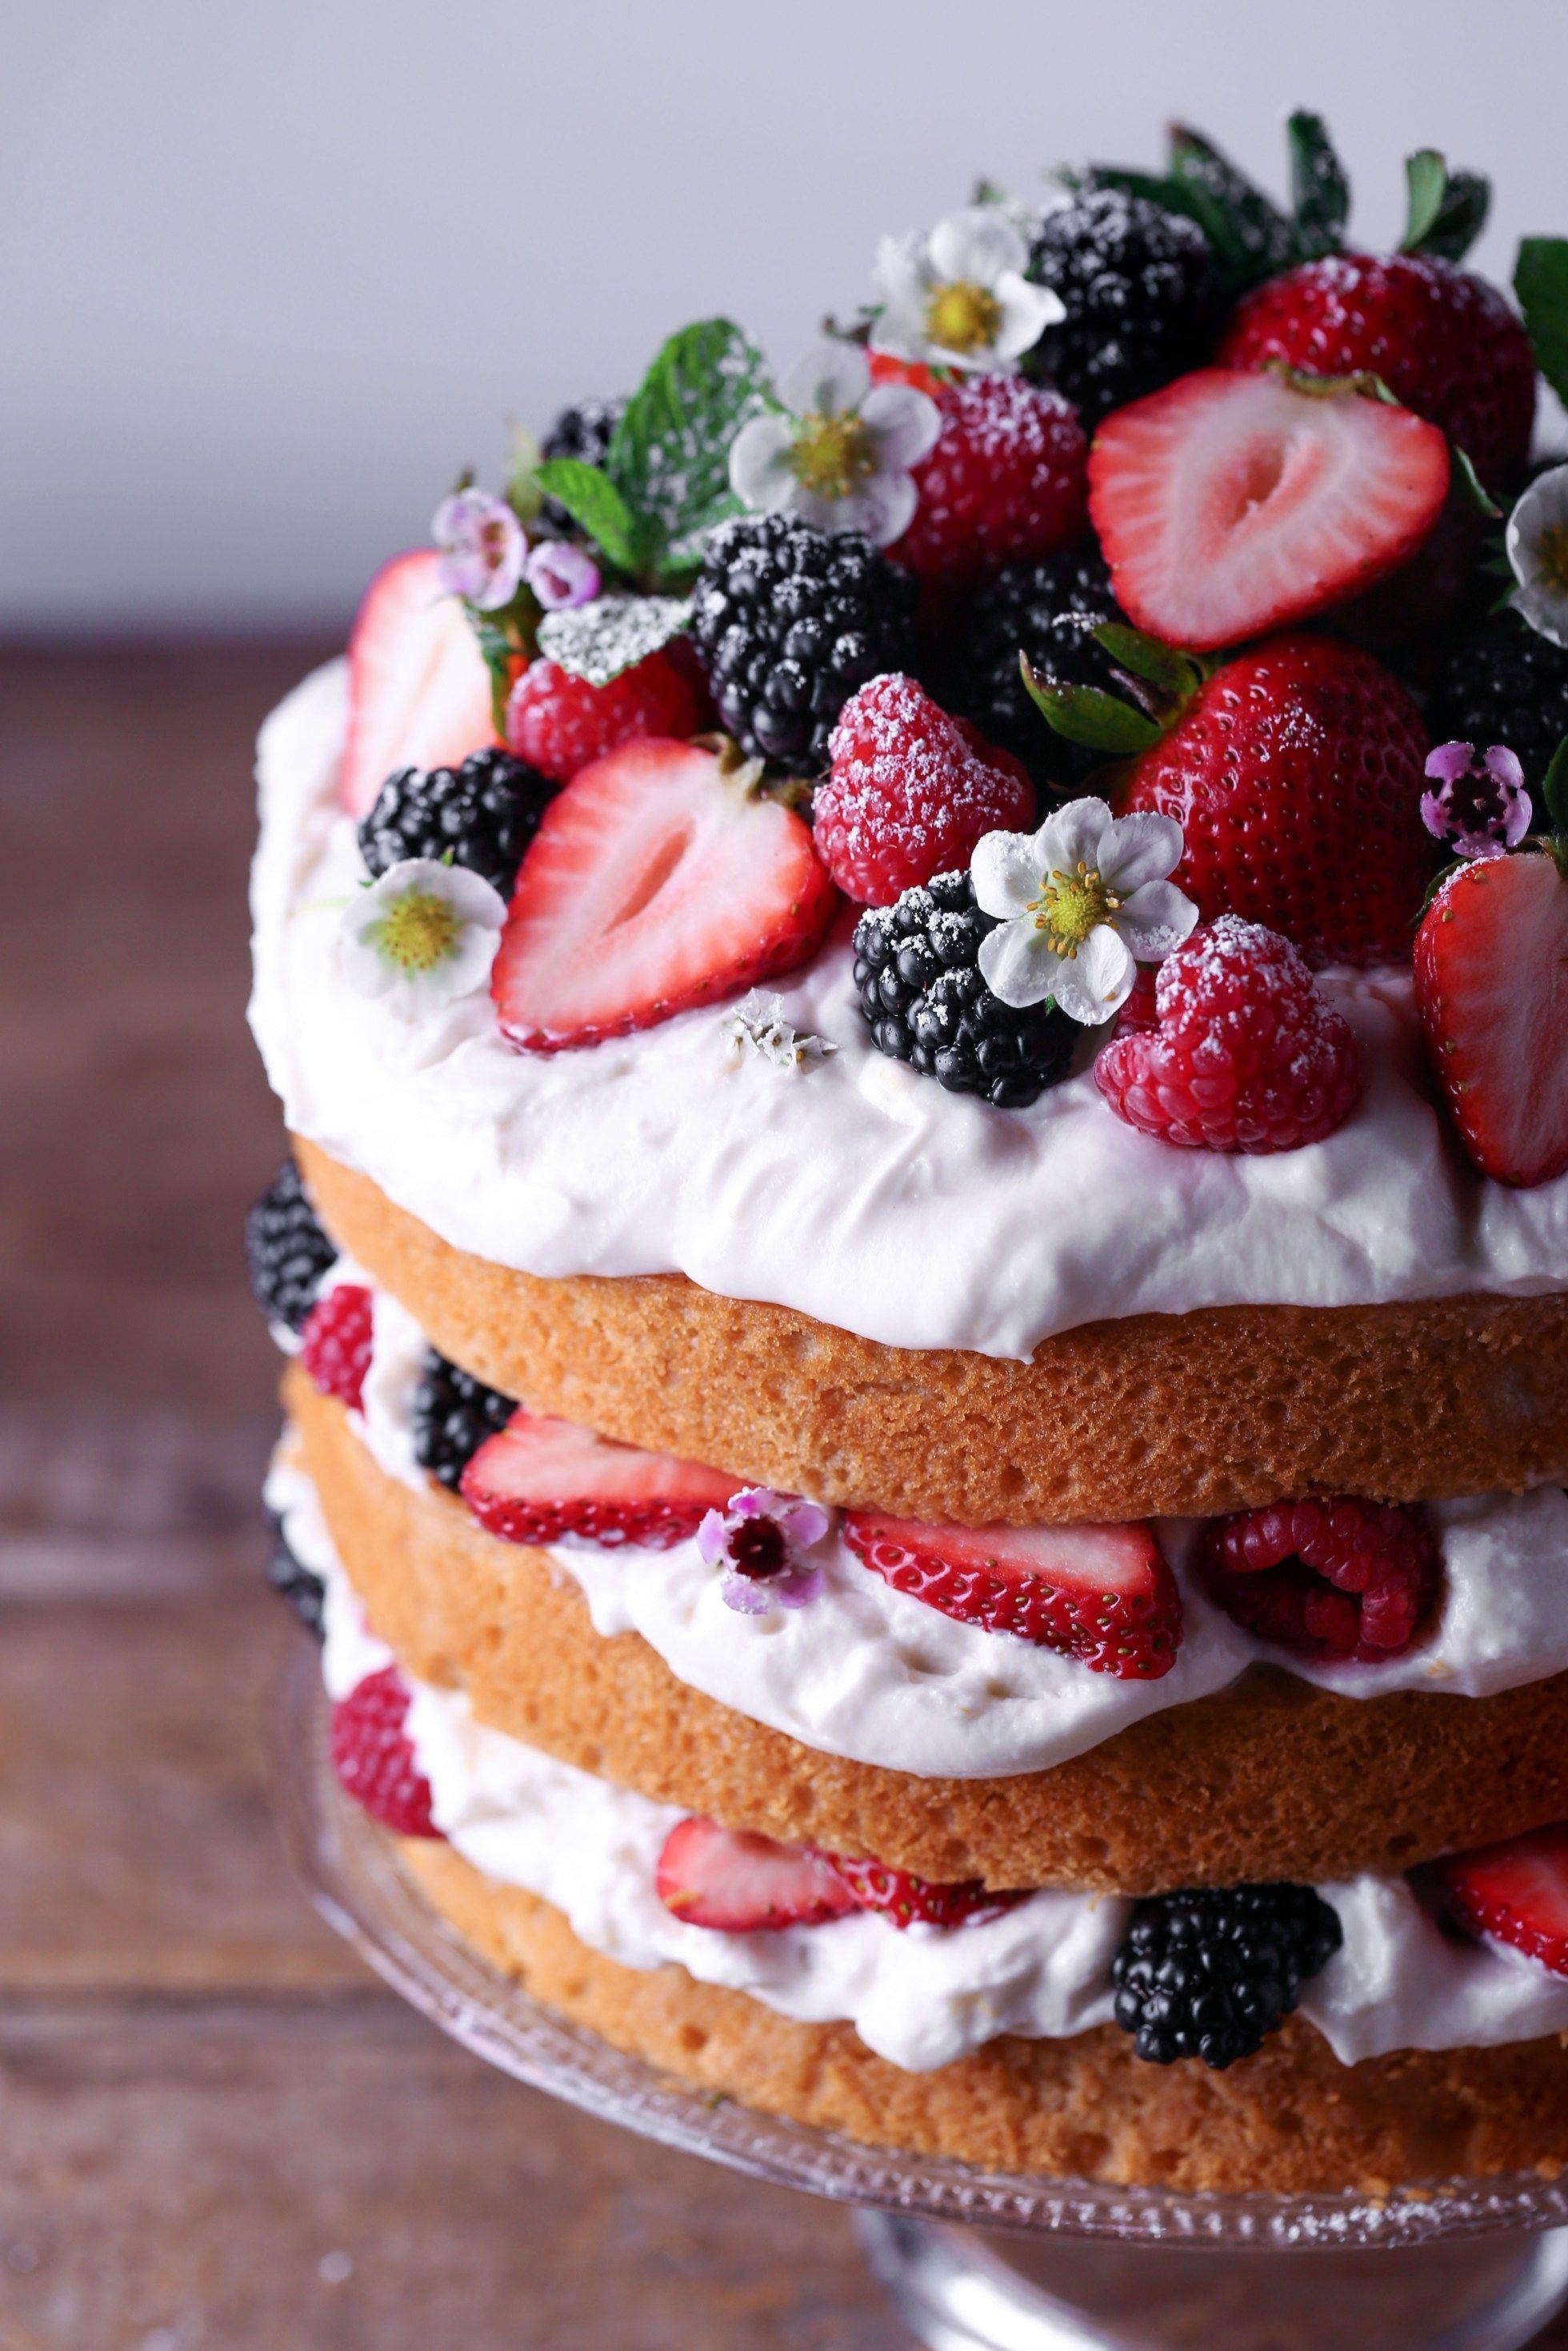 10 Simple Wedding Cakes You Could Make Yourself #weddingonabudget